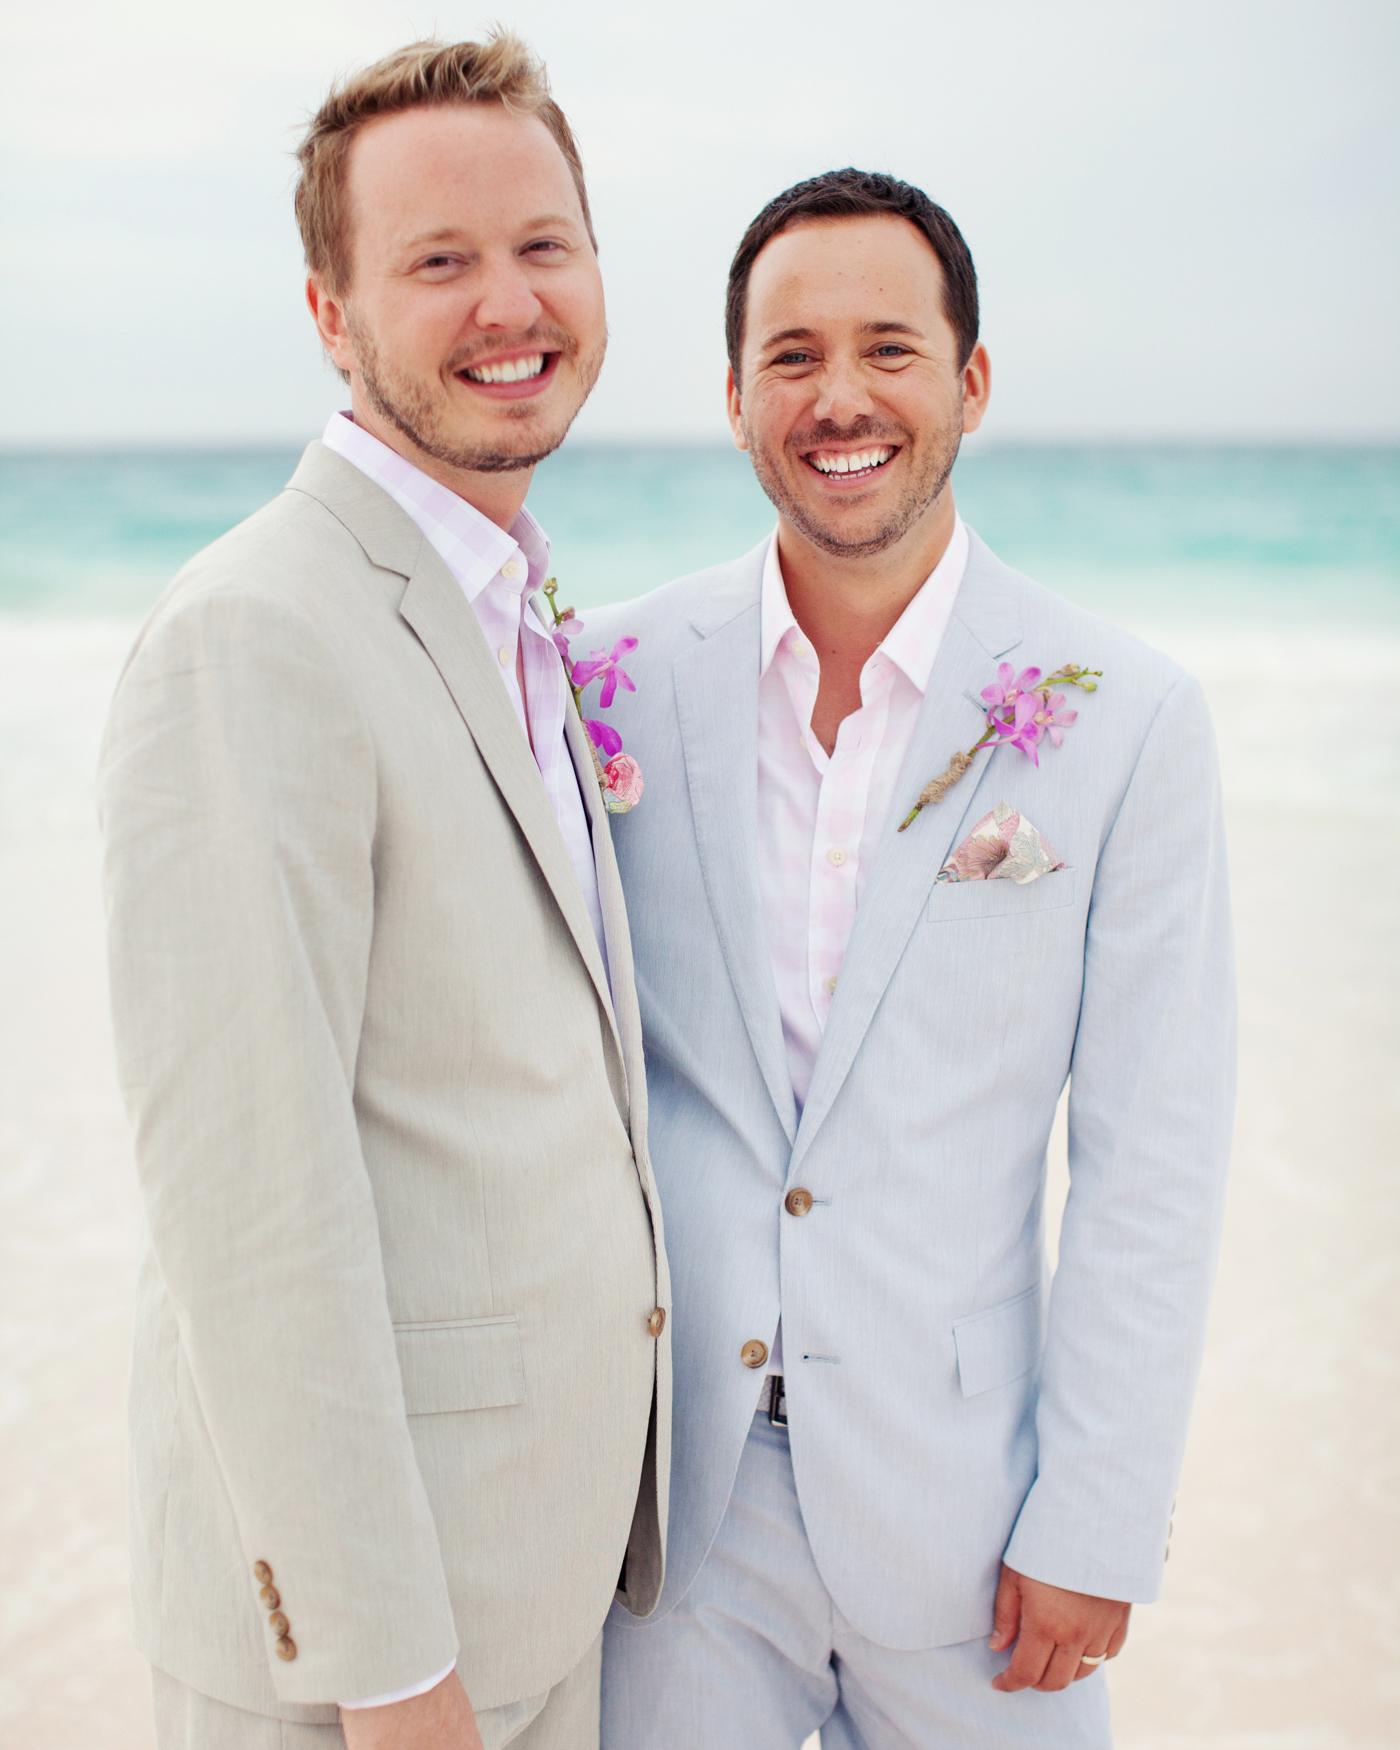 real-weddings-kevin-jamie-05292012wd-jk1764.jpg